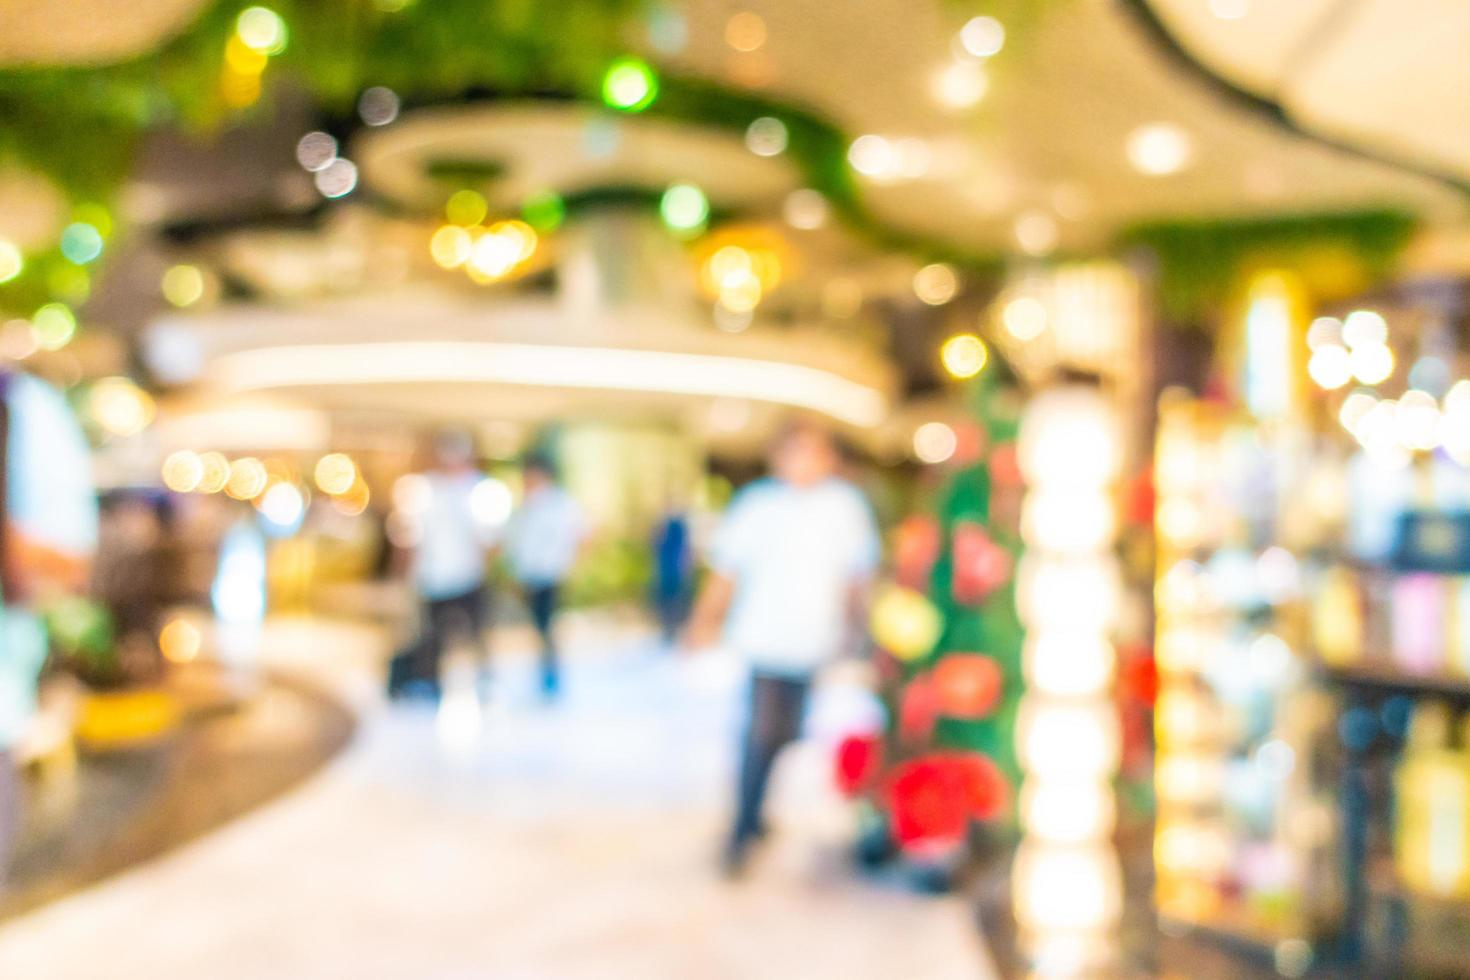 abstrakt oskärpa och defokusera vacker lyxig shoppinggalleriainredning foto